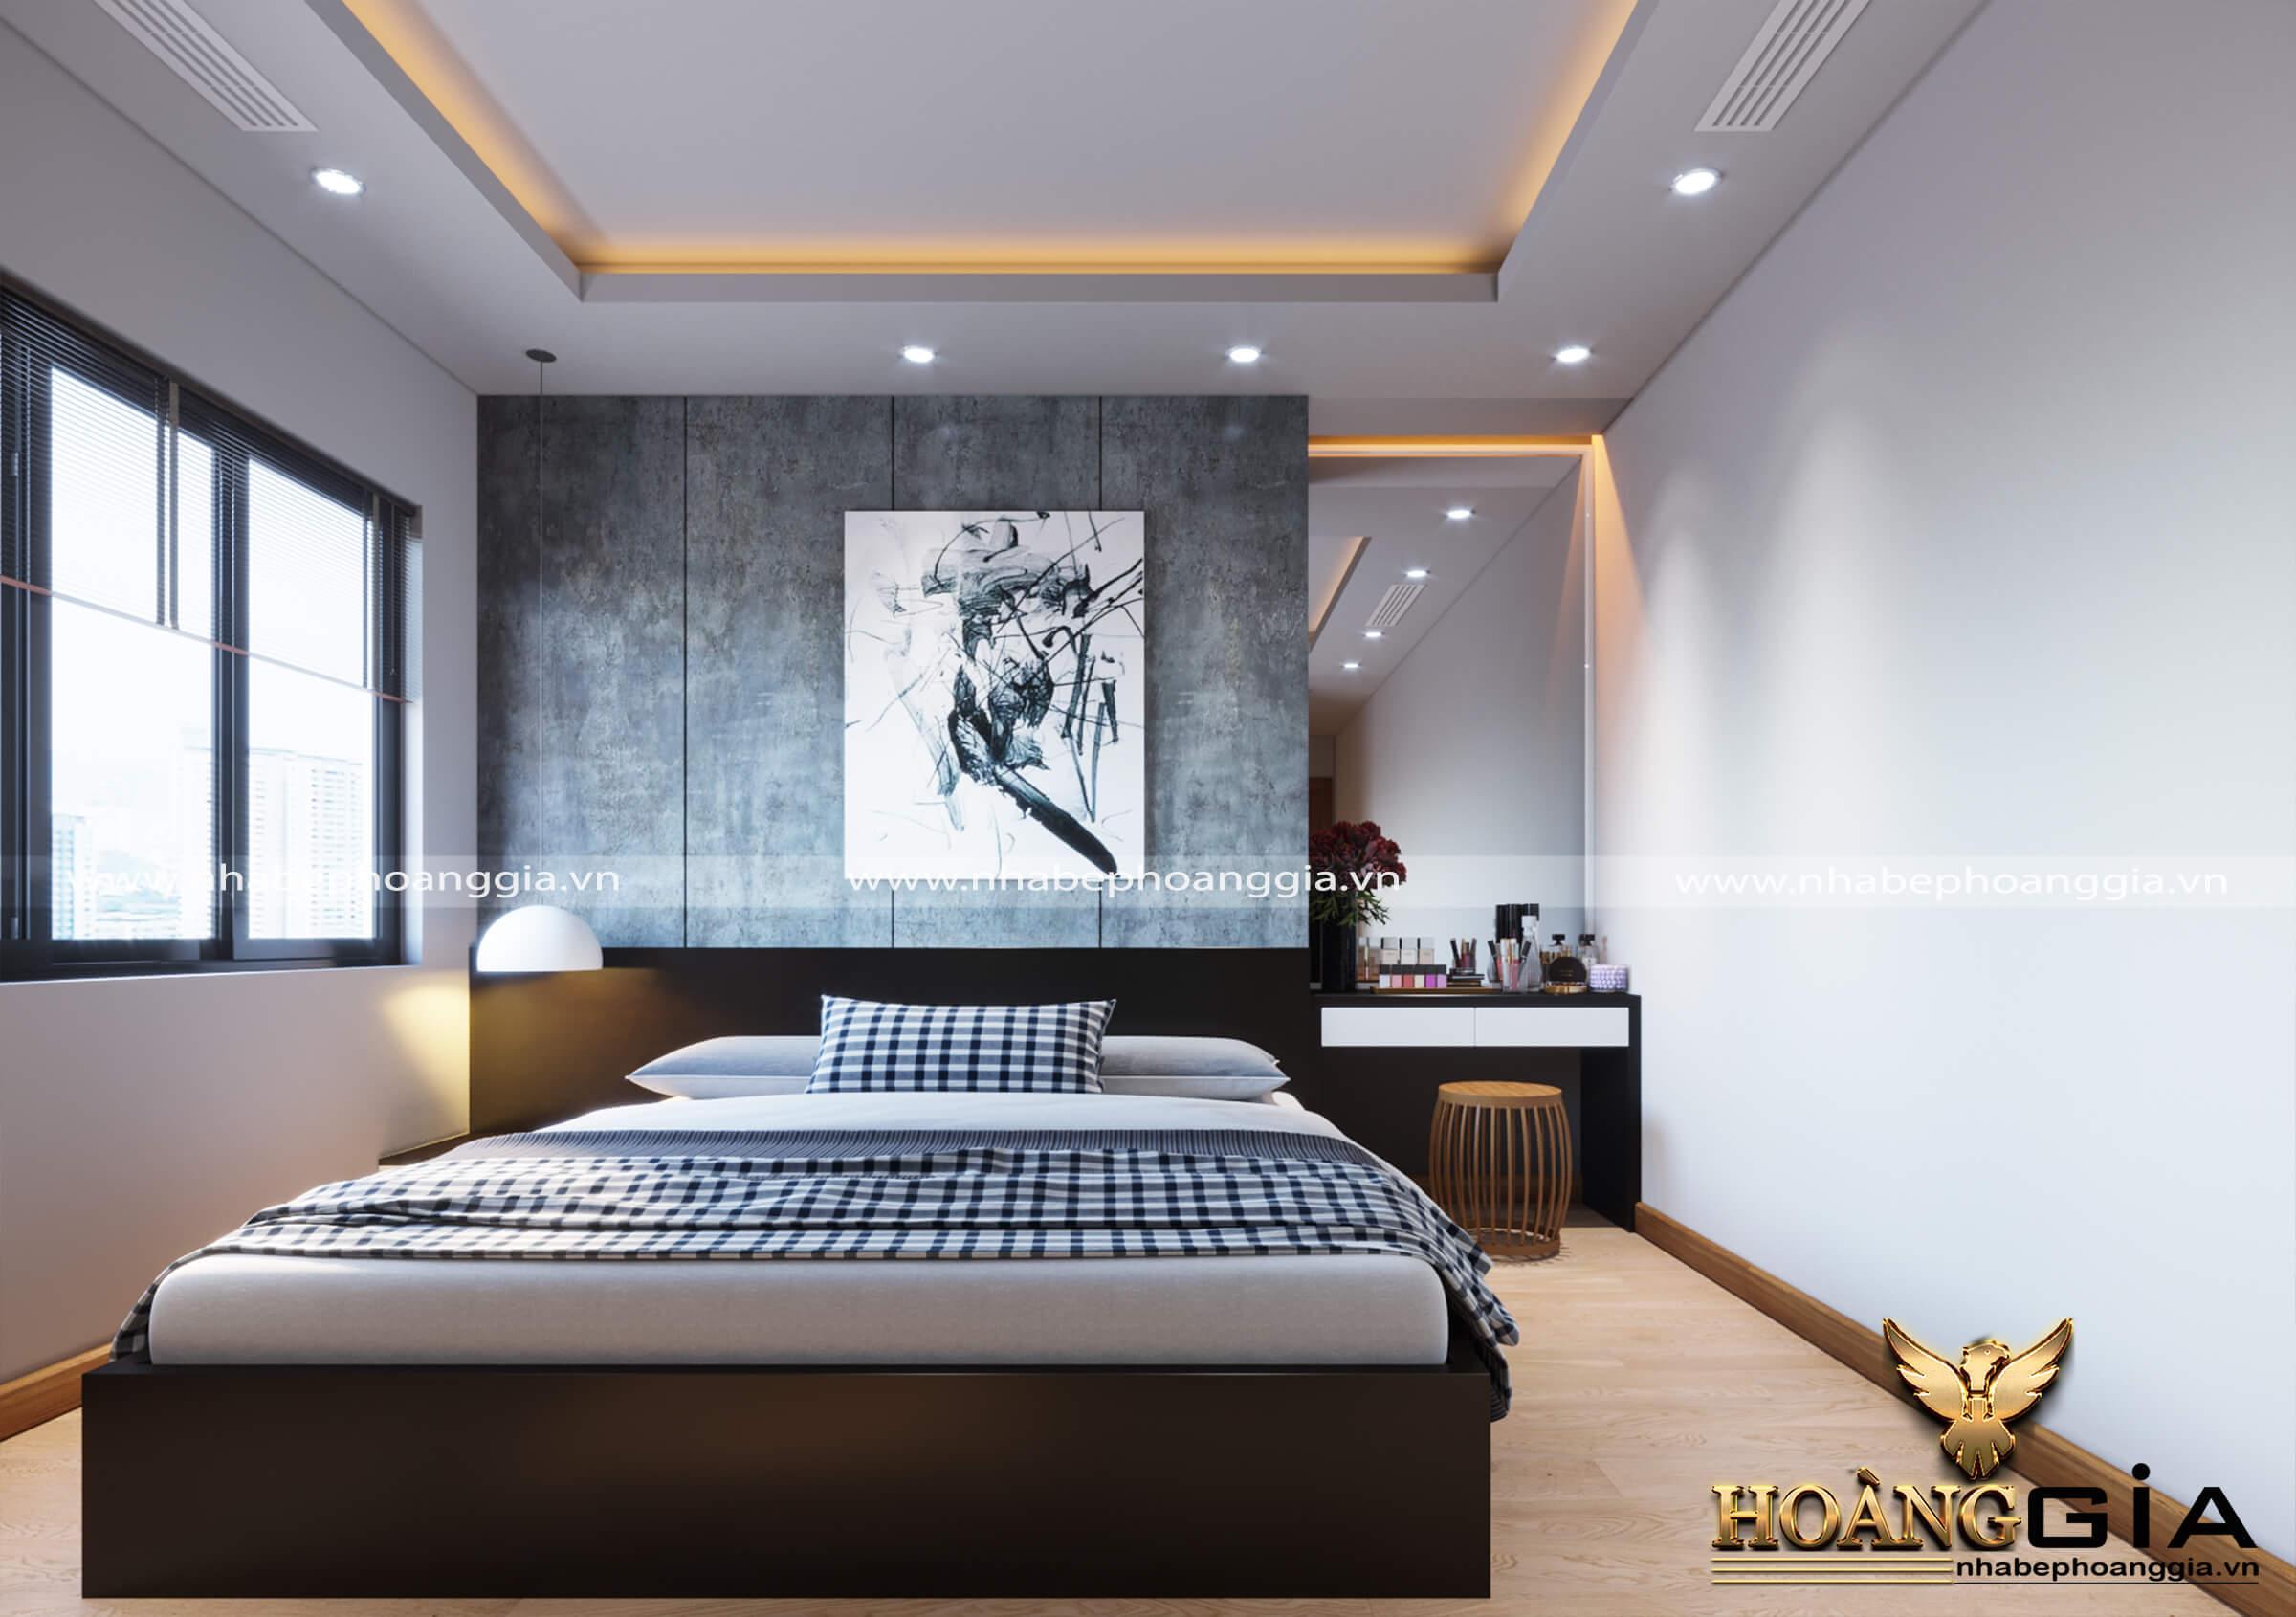 giường ngủ hiện đại cho nhà chung cư